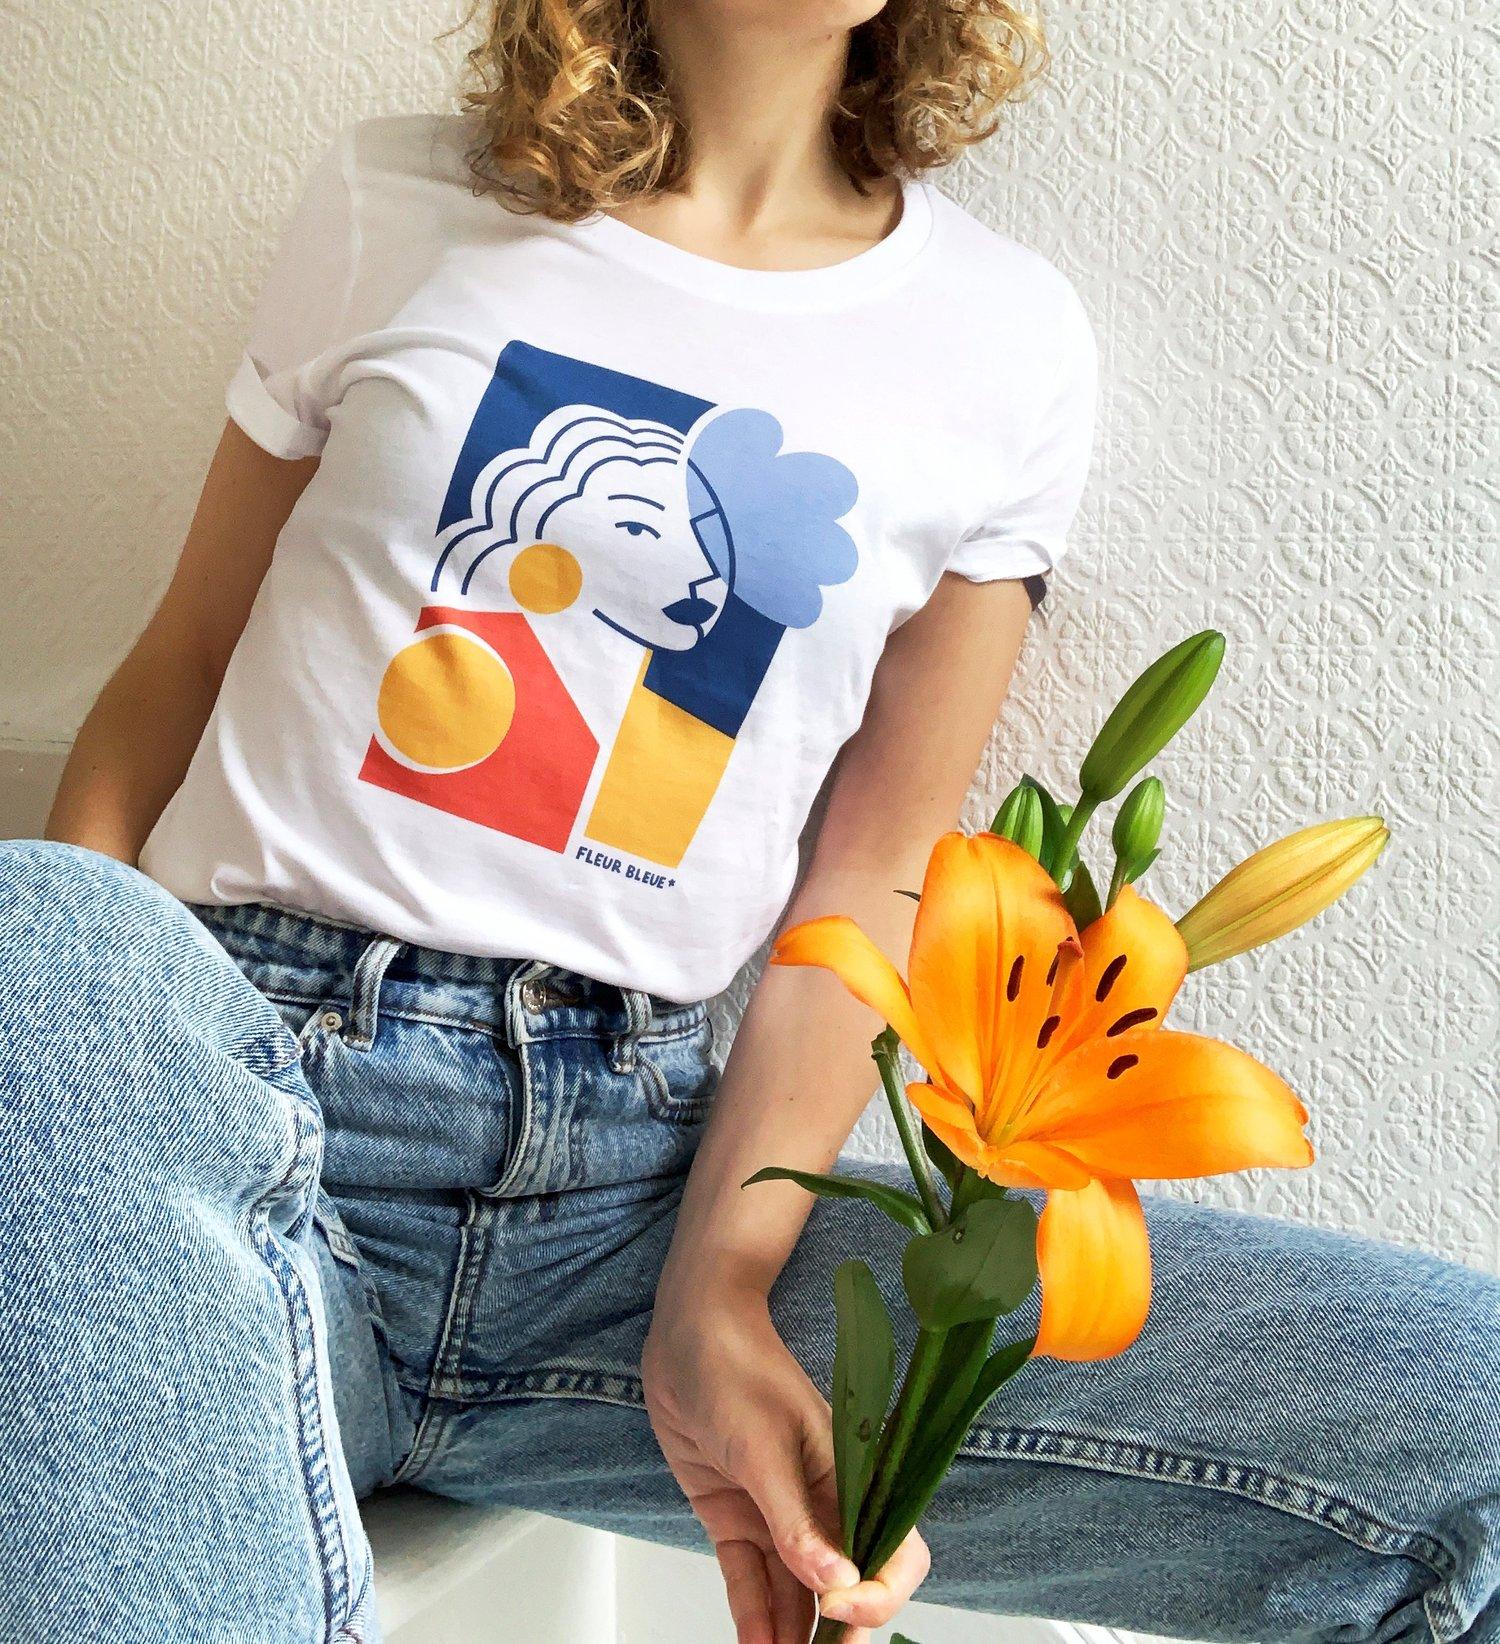 Image of The Simones x Claire Prouvost - Fleur bleue